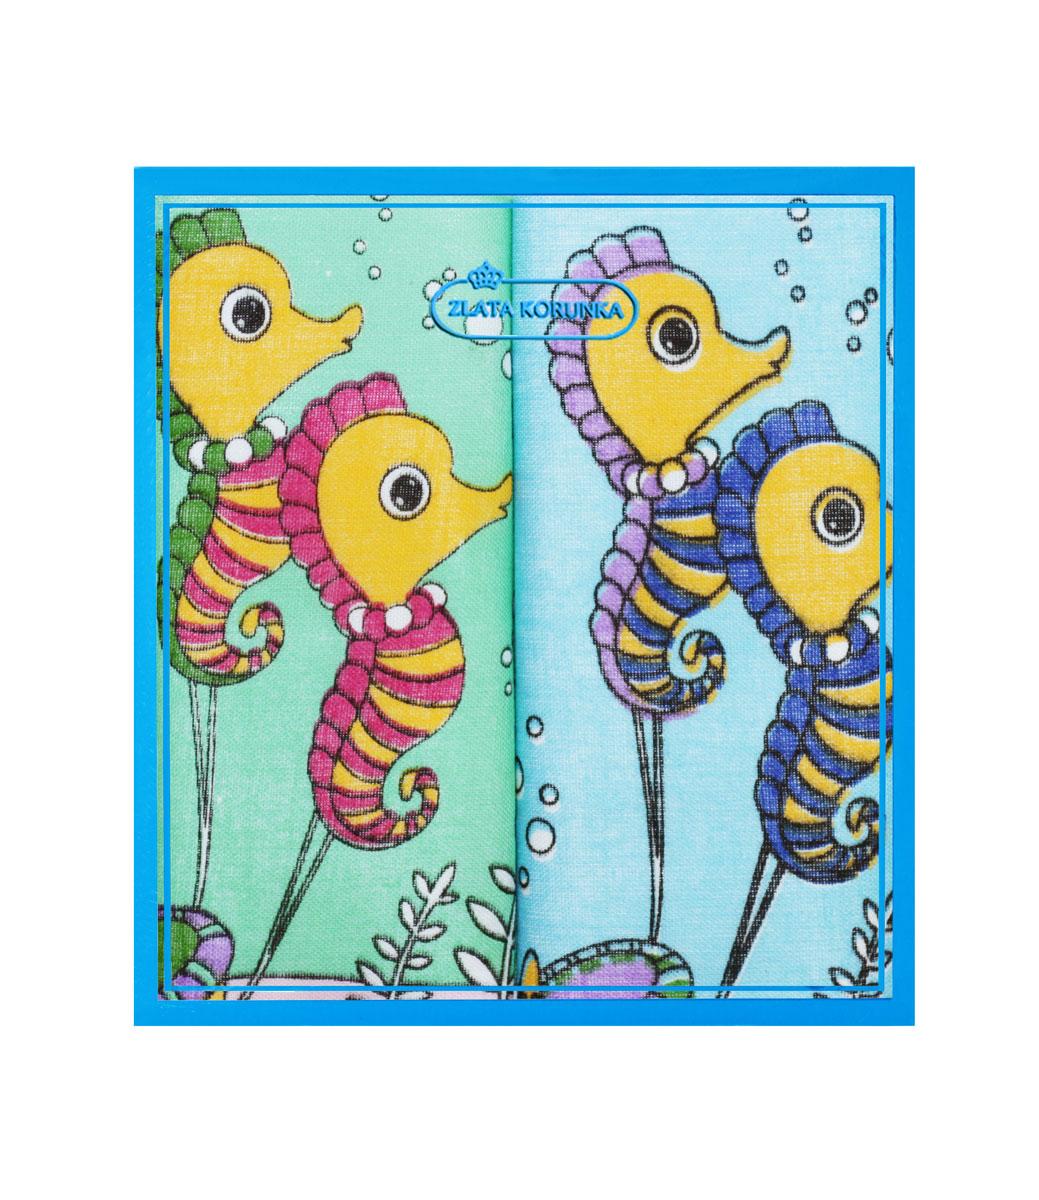 40230-33 Zlata Korunka Носовой платок детский, цвет: мультиколор, 21х21 см, 2 шт40230-33Платки носовые детские в упаковке по 2 шт. Носовые платки изготовлены из 100% хлопка, так как этот материал приятен в использовании, хорошо стирается, не садится, отлично впитывает влагу.